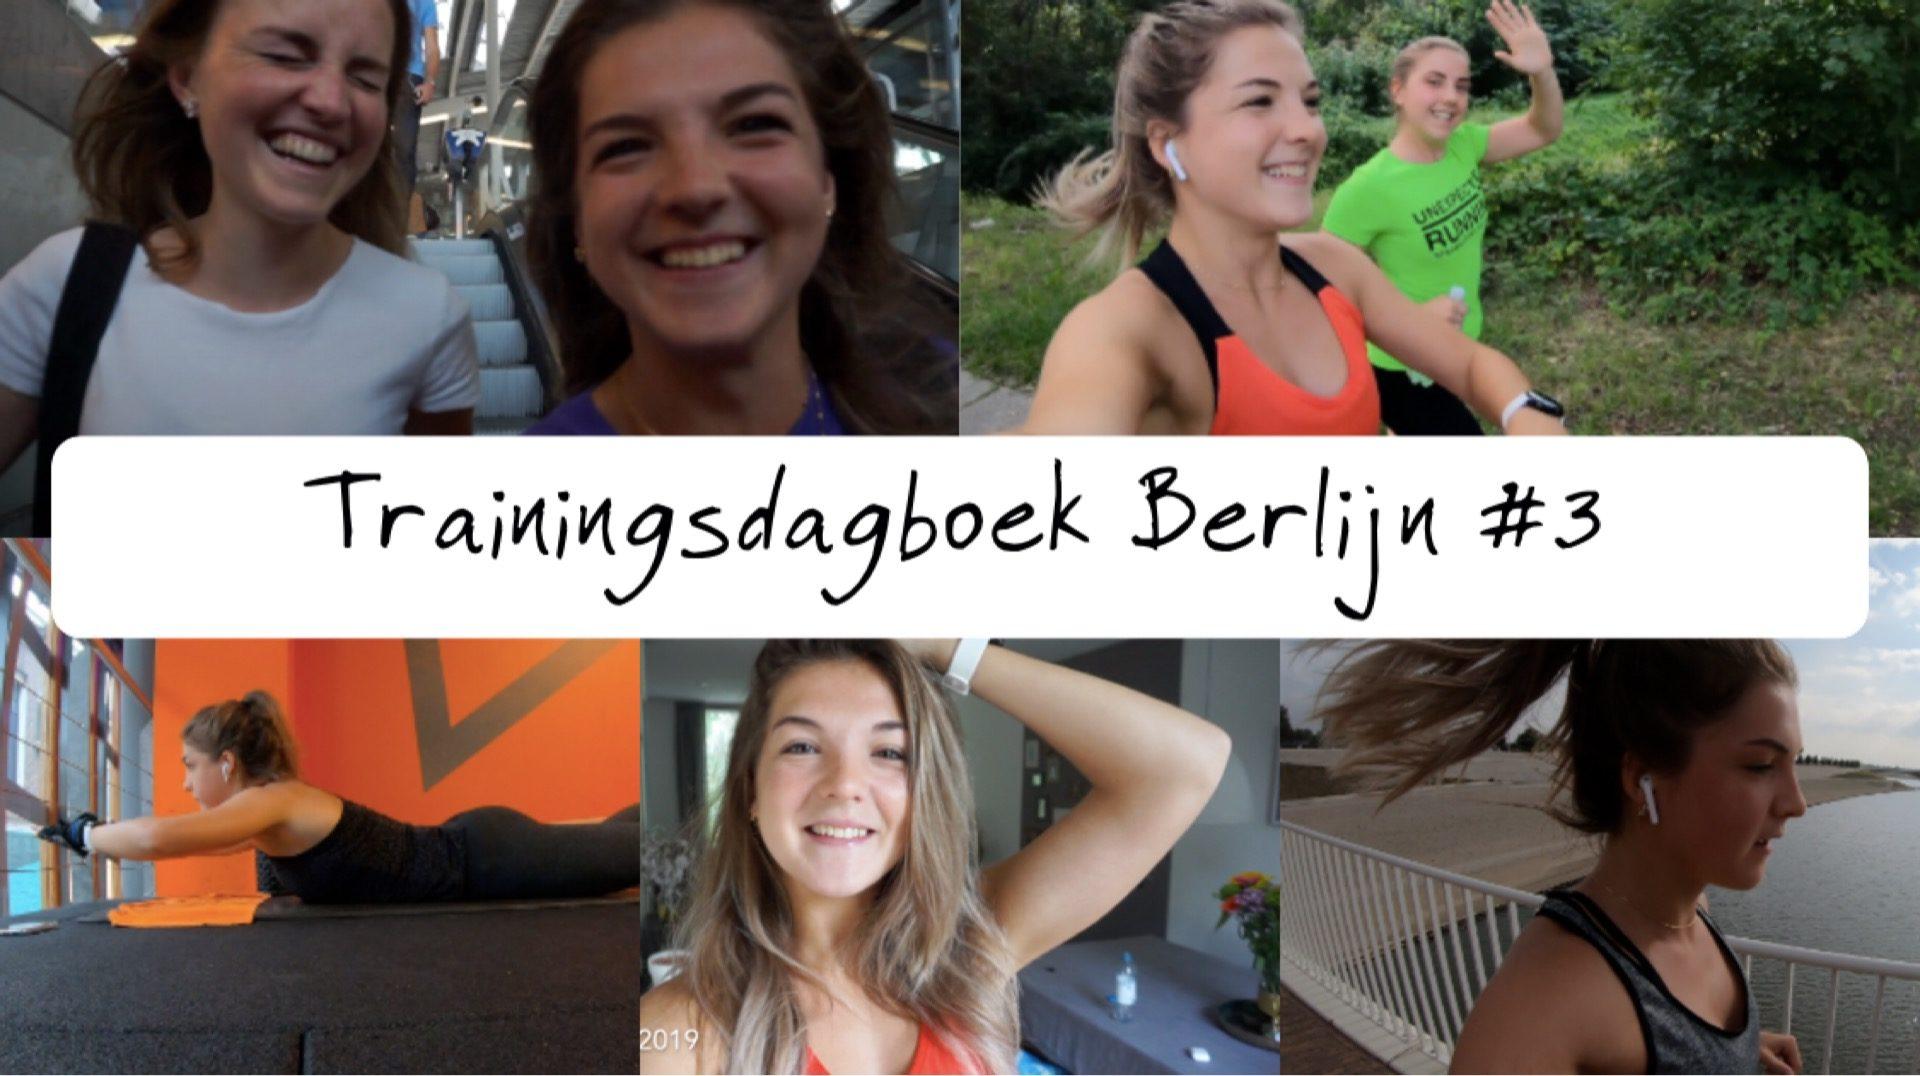 VLOG #3 – 22.5 km duurloop & daten met instagramvriendinnen